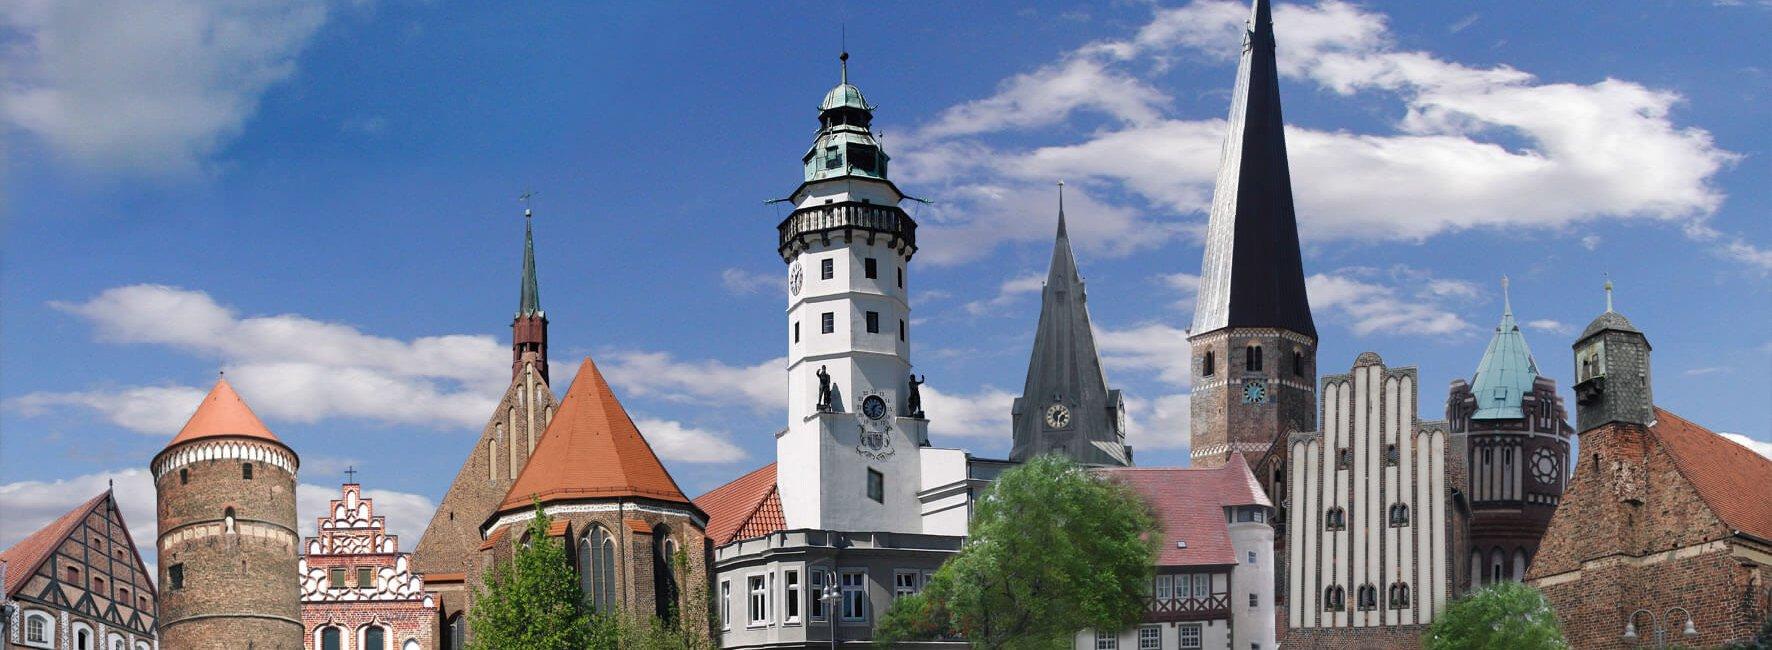 historische salzwedeler Gebäude